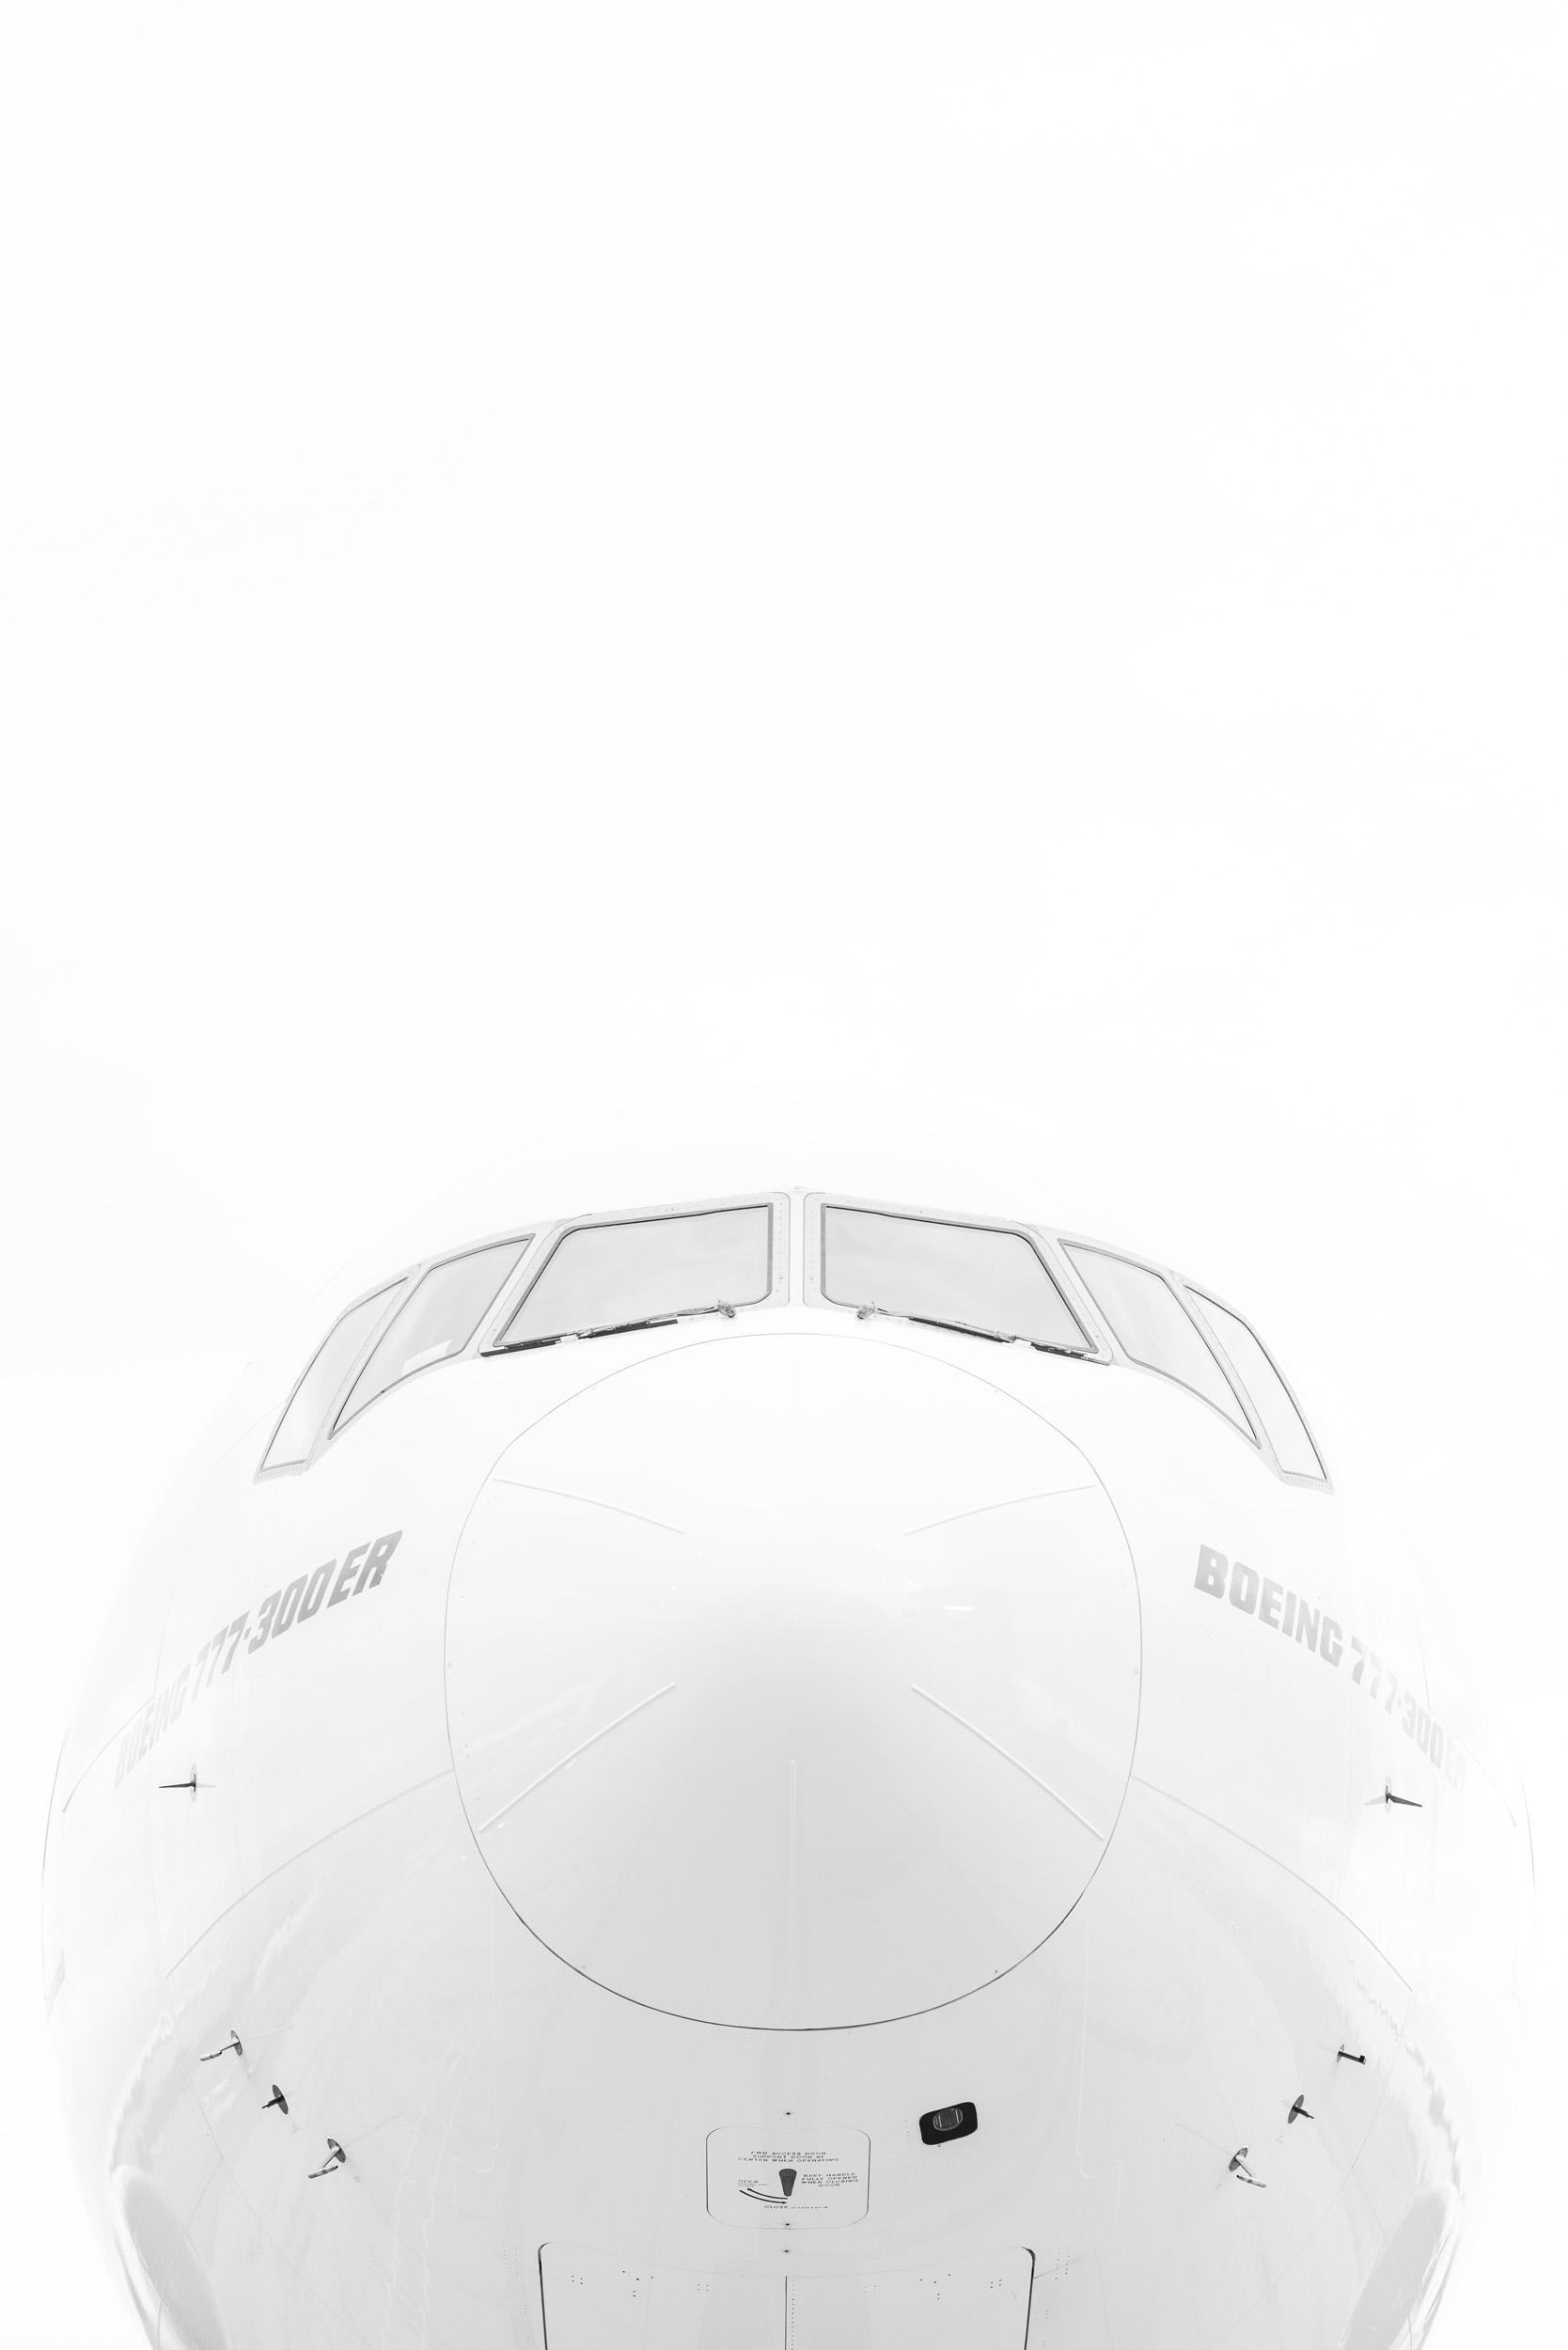 simon.casson.adelaide.aviation.photographer.006.jpg